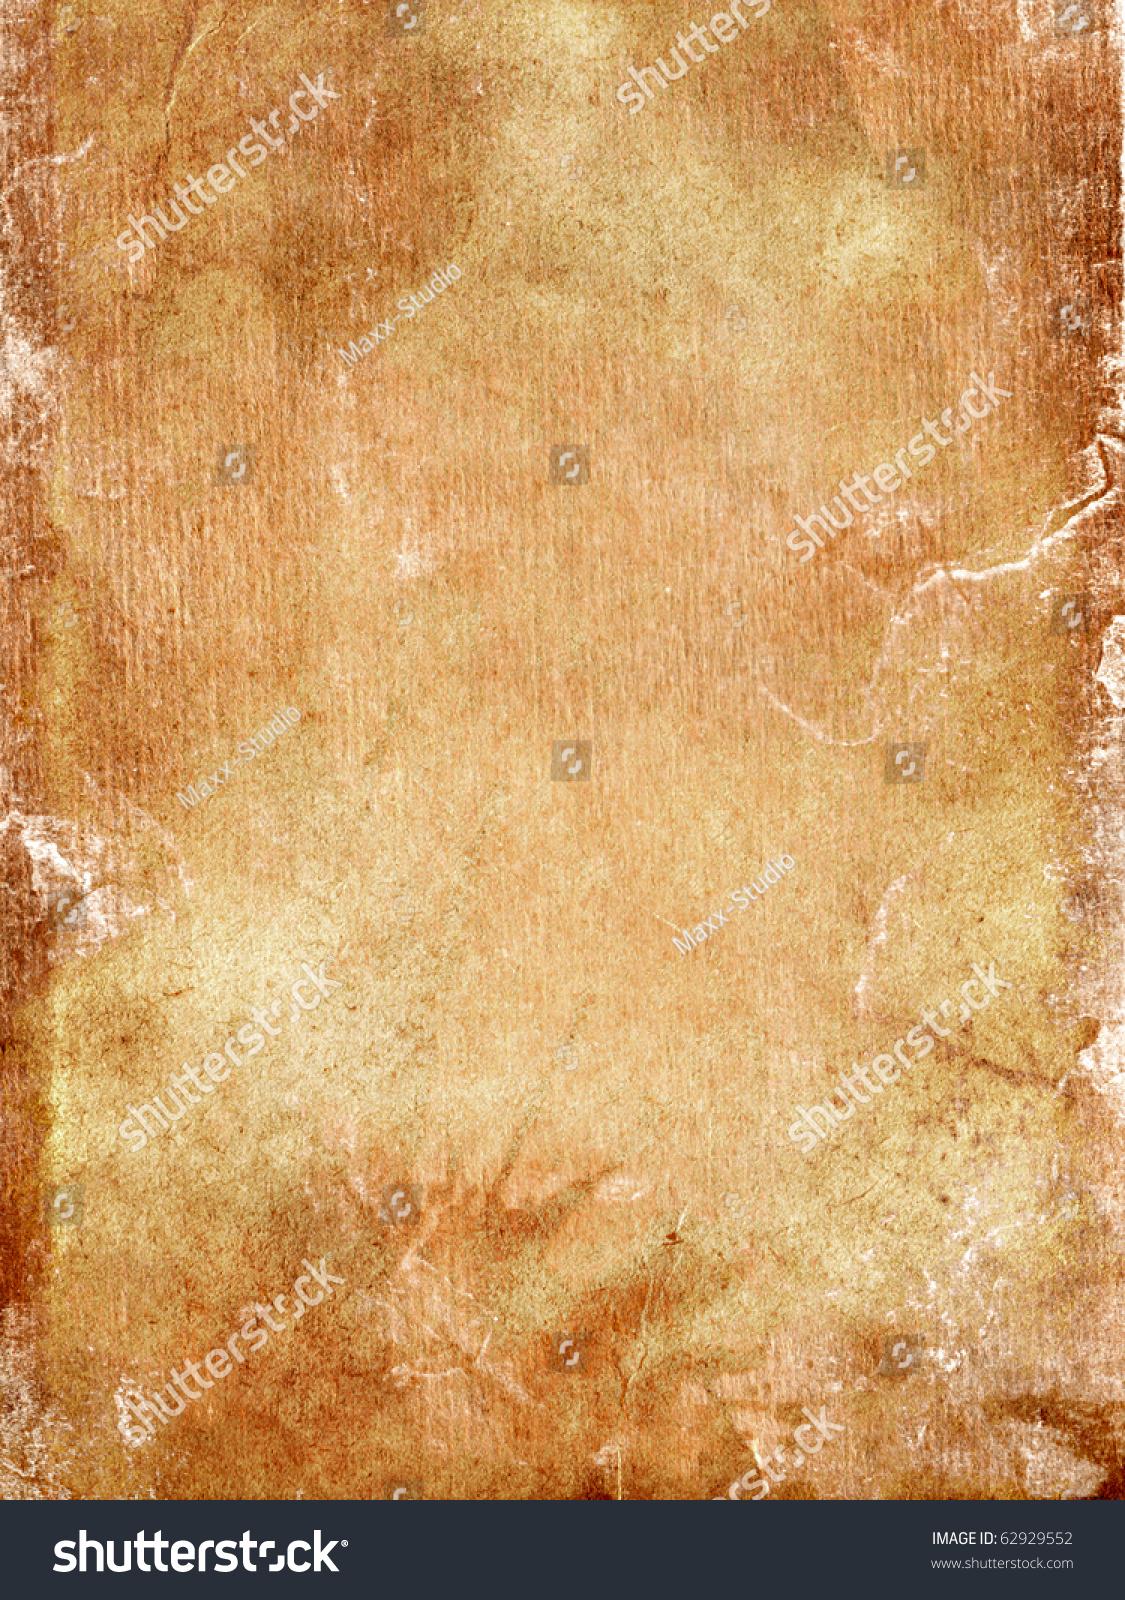 老纸.原始背景或纹理.-背景/素材,复古风格-海洛创意